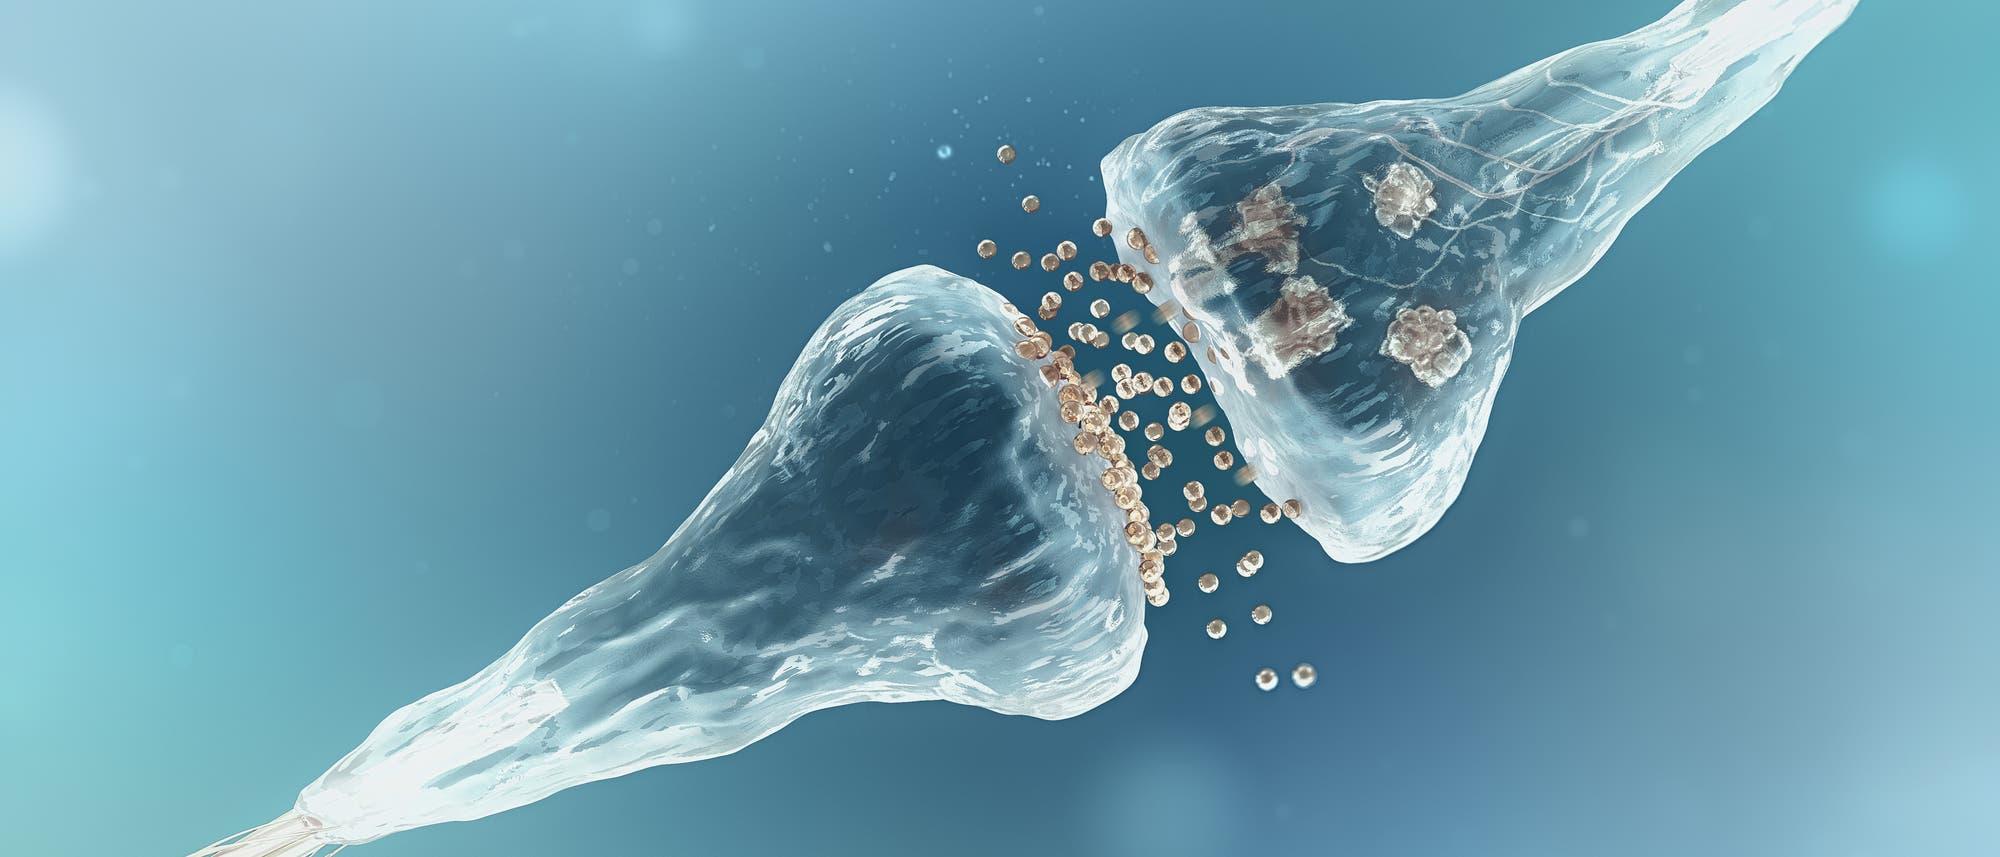 Grafische Darstellung eines synaptishen Spalts mit wandernden Neurotransmittern